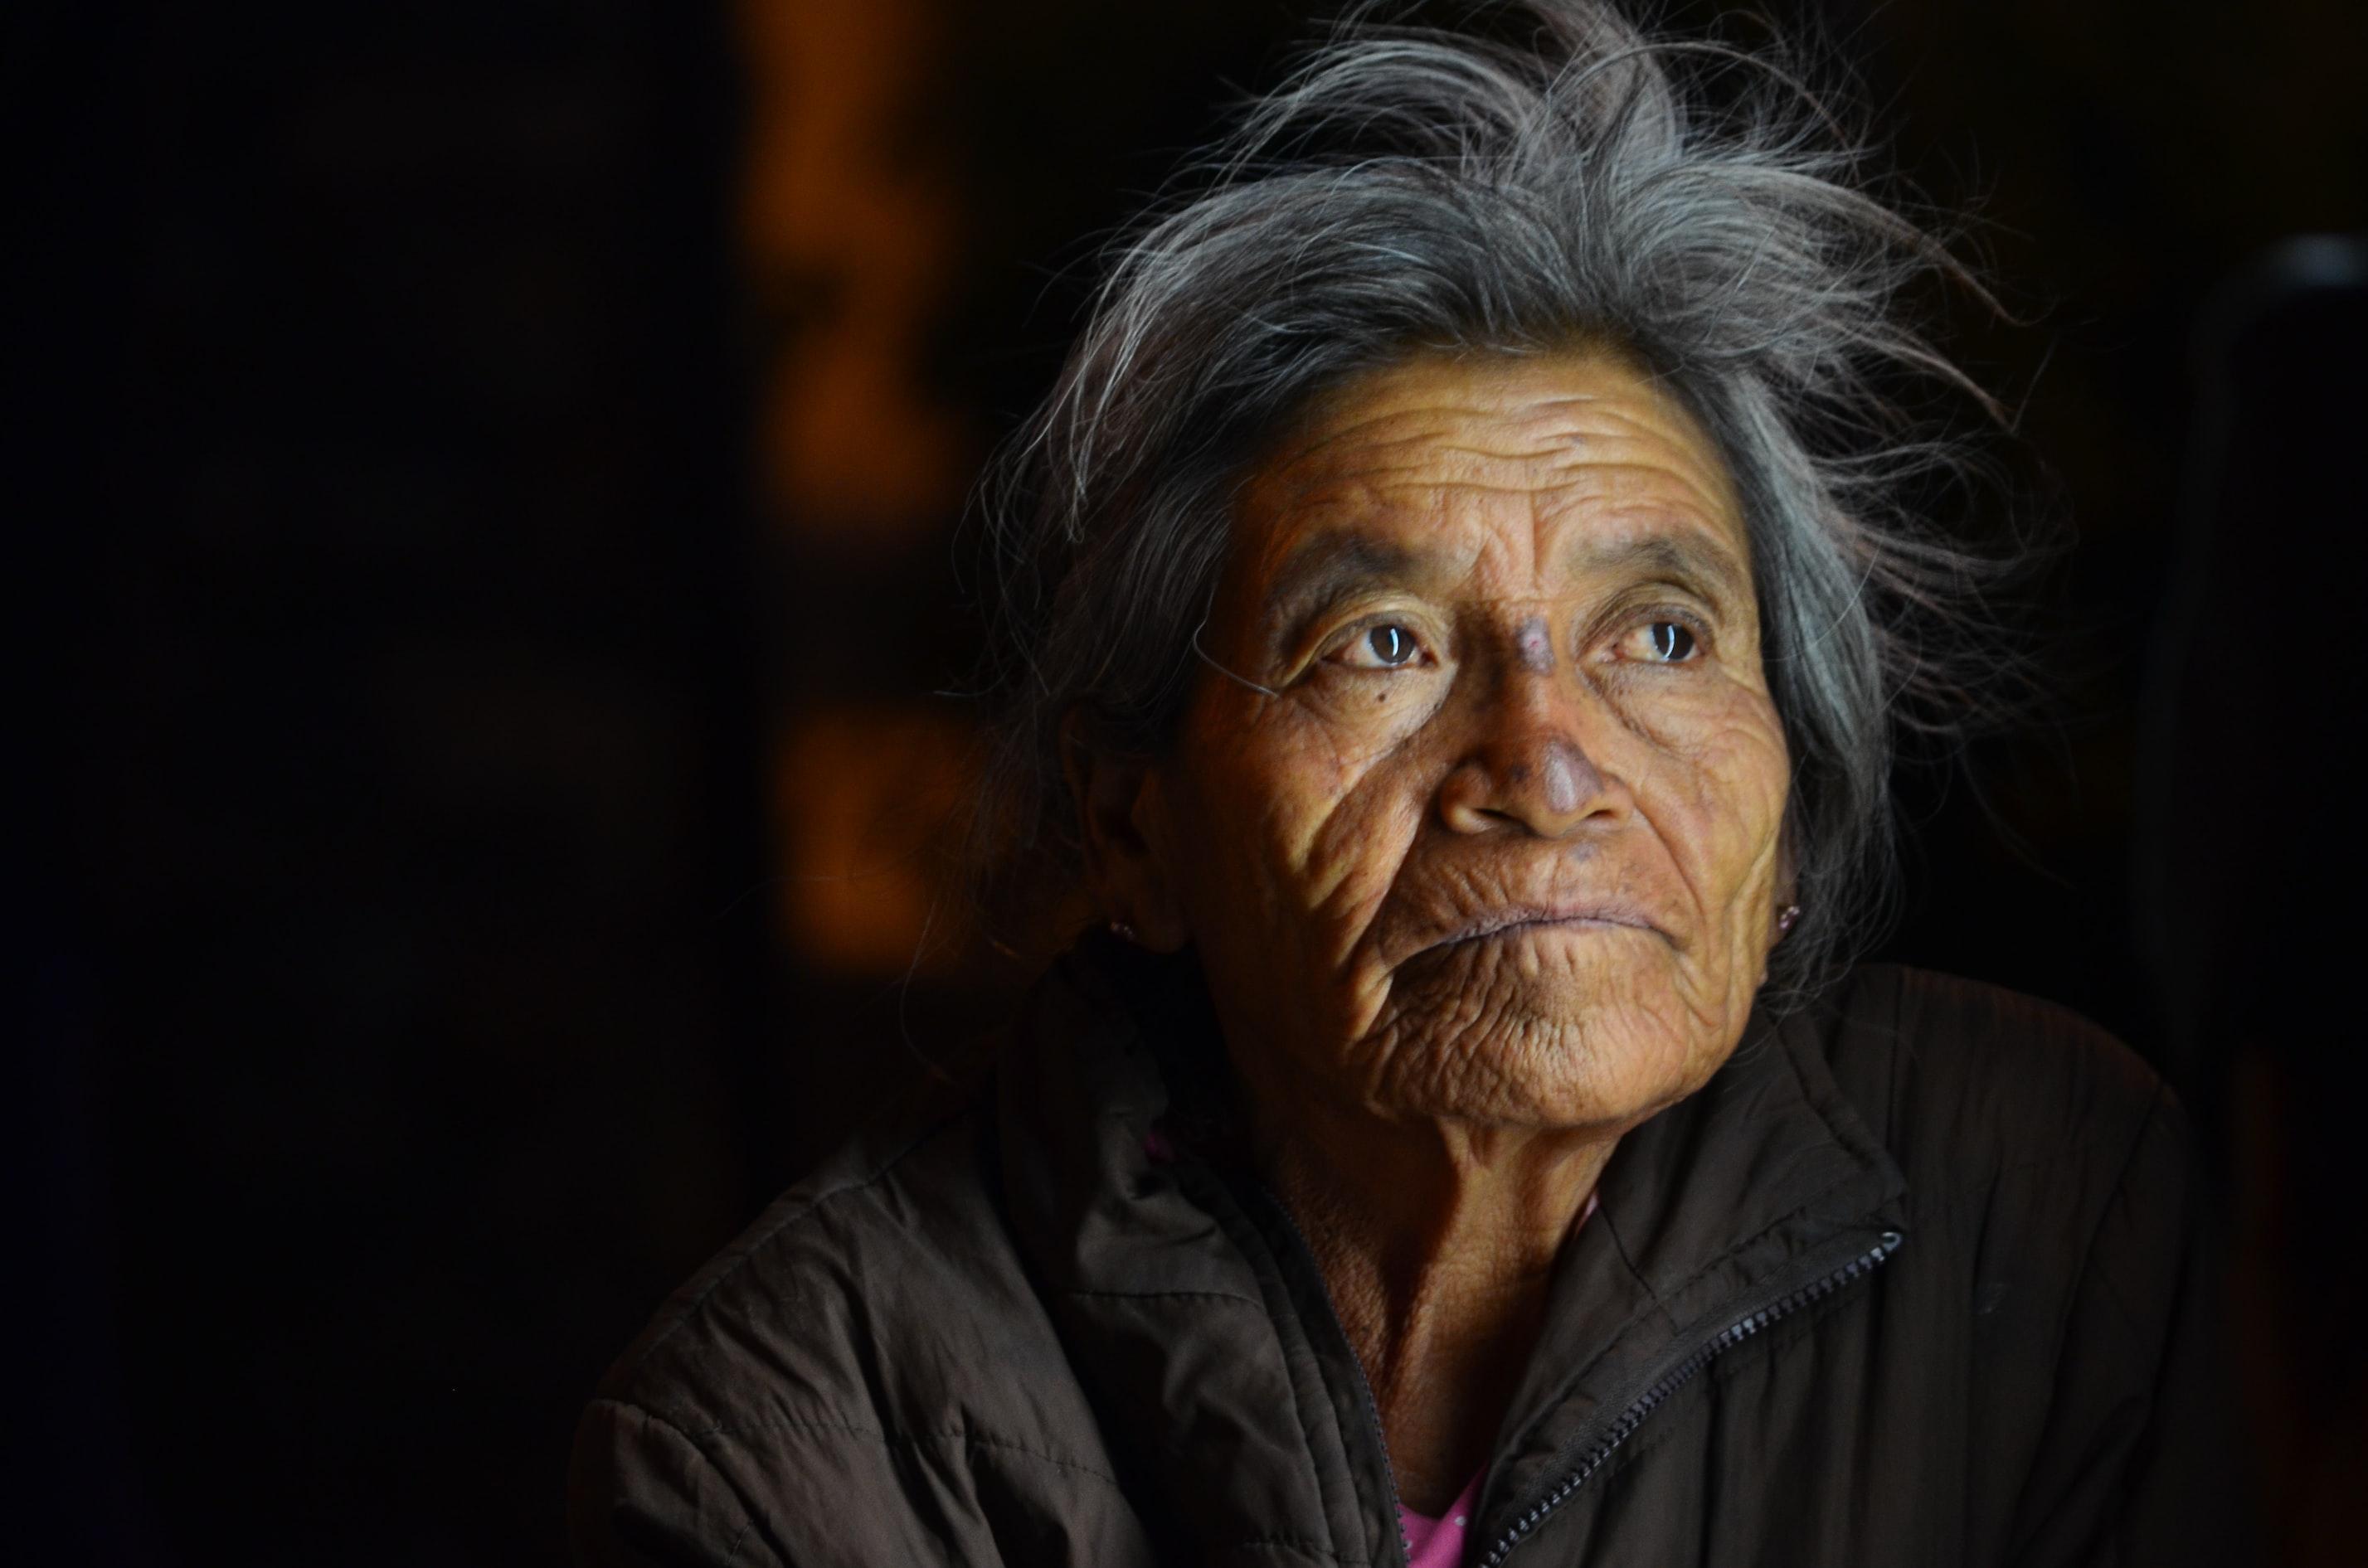 Old woman wearing a black zip jacket